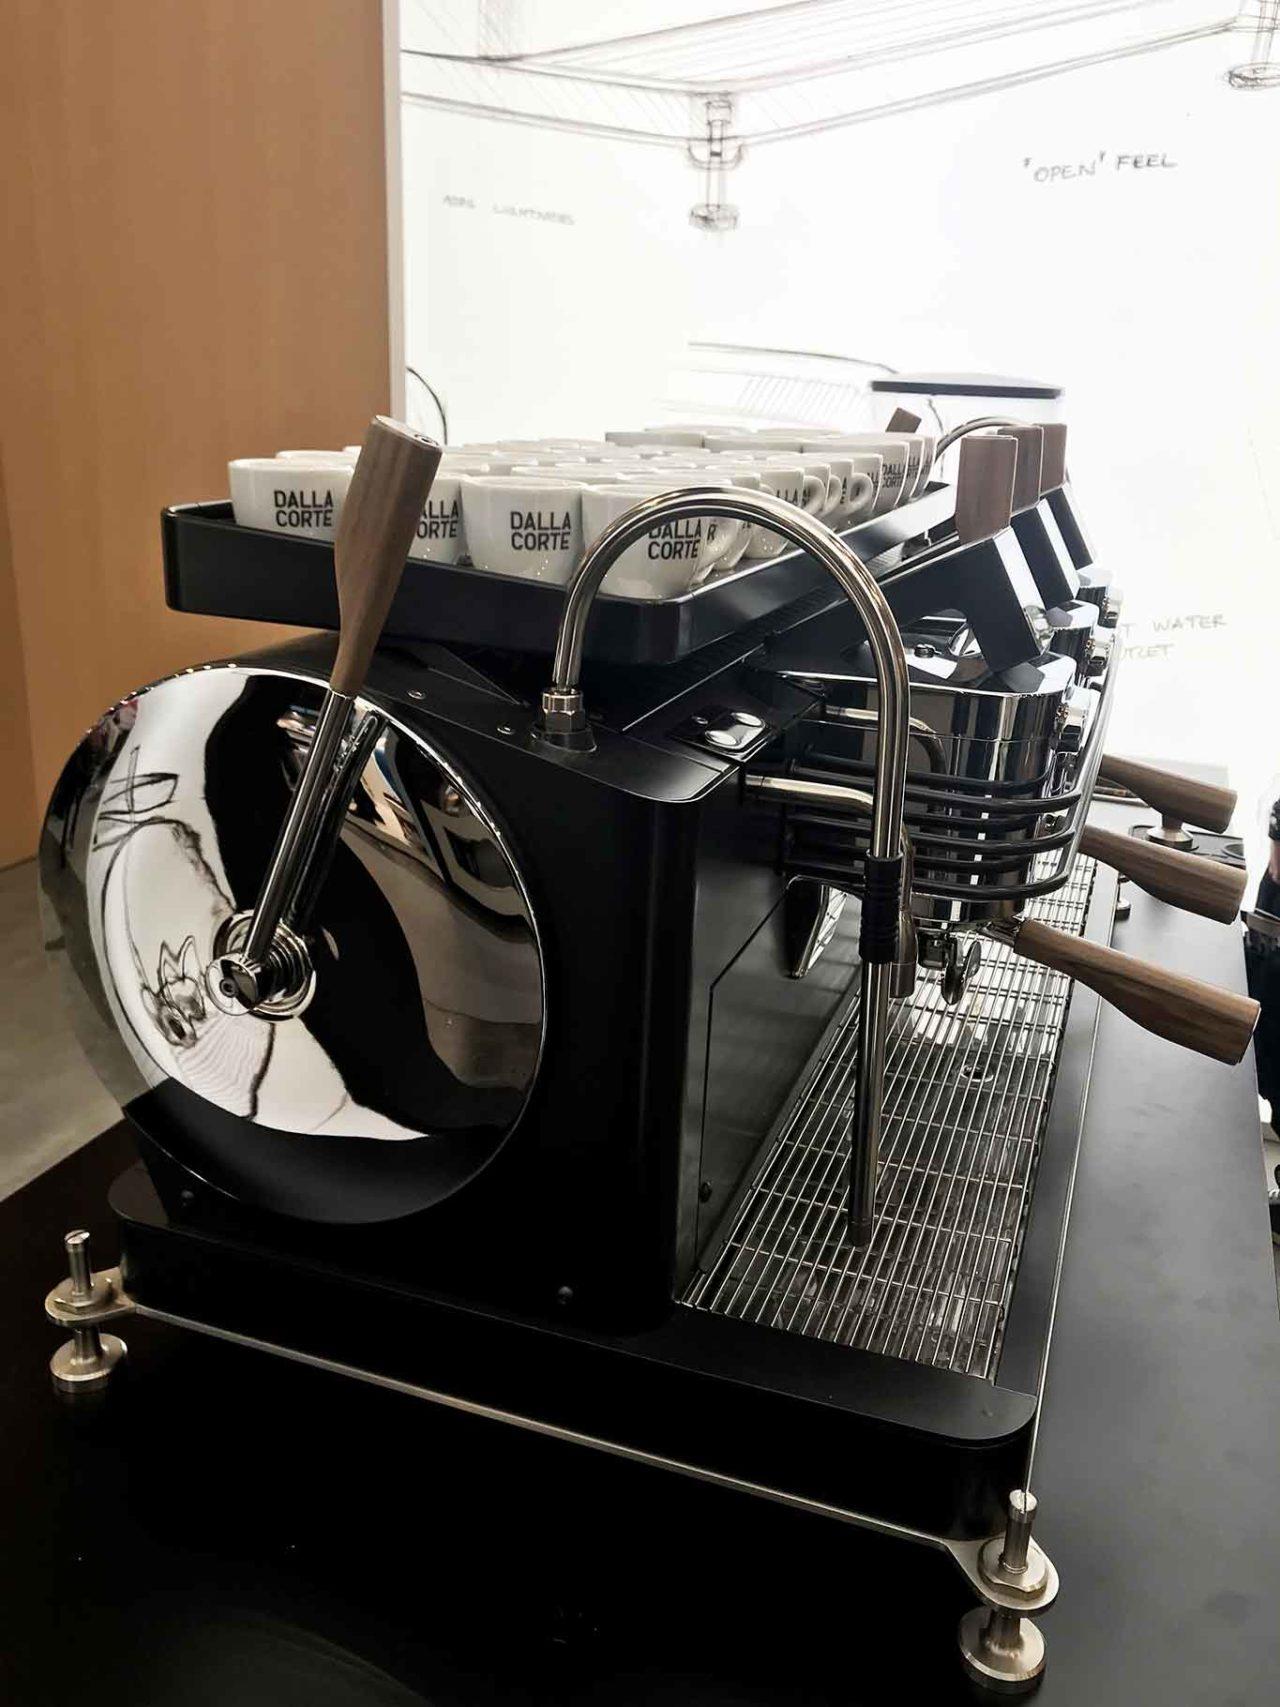 """machine à café expresso """"class ="""" wp-image-270147 """"srcset ="""" https://www.shop-ici-ailleurs.com/wp-content/uploads/2020/02/1582907279_537_Cafe.-Qui-a-invente-l39espresso.jpg 1280w , https://www.scattidigusto.it/wp-content/uploads/2020/02/nacchina-caffe-espresso-dalla-corte-320x427.jpg 320w, https://www.scattidigusto.it/wp-content/ uploads / 2020/02 / nacchina-espresso-espresso-dalla-corte-80x106.jpg 80w, https://www.scattidigusto.it/wp-content/uploads/2020/02/nacchina-caffe-espresso-dalla-corte -768x1024.jpg 768w, https://www.scattidigusto.it/wp-content/uploads/2020/02/nacchina-caffe-espresso-dalla-corte-1152x1536.jpg 1152w, https://www.scattidigusto.it /wp-content/uploads/2020/02/nacchina-caffe-espresso-dalla-corte-696x928.jpg 696w, https://www.scattidigusto.it/wp-content/uploads/2020/02/nacchina-caffe- espresso-dalla-corte-1068x1424.jpg 1068w, https://www.scattidigusto.it/wp-content/uploads/2020/02/nacchina-caffe-espresso-dalla-corte-315x420.jpg 315w, https: // www.scattidigusto.it/wp-content/uploads/2020/0 2 / nacchina-espresso-dalla-corte-960x1280.jpg 960w, https://www.scattidigusto.it/wp-content/uploads/2020/02/nacchina-caffe-espresso-dalla-corte.jpg 1365w """" tailles = """"(largeur max: 1280px) 100vw, 1280px"""